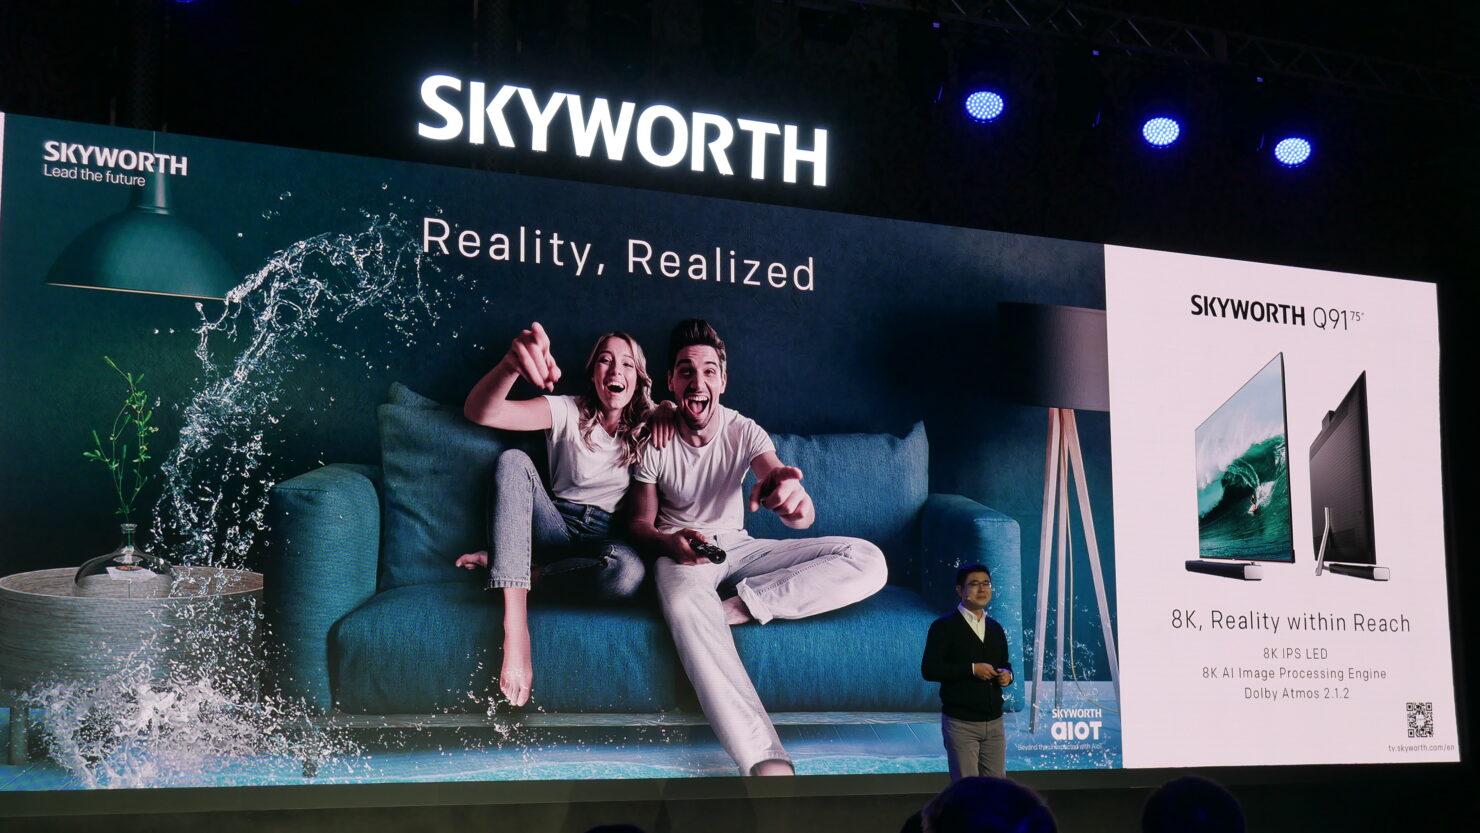 skyworth-ces-reality